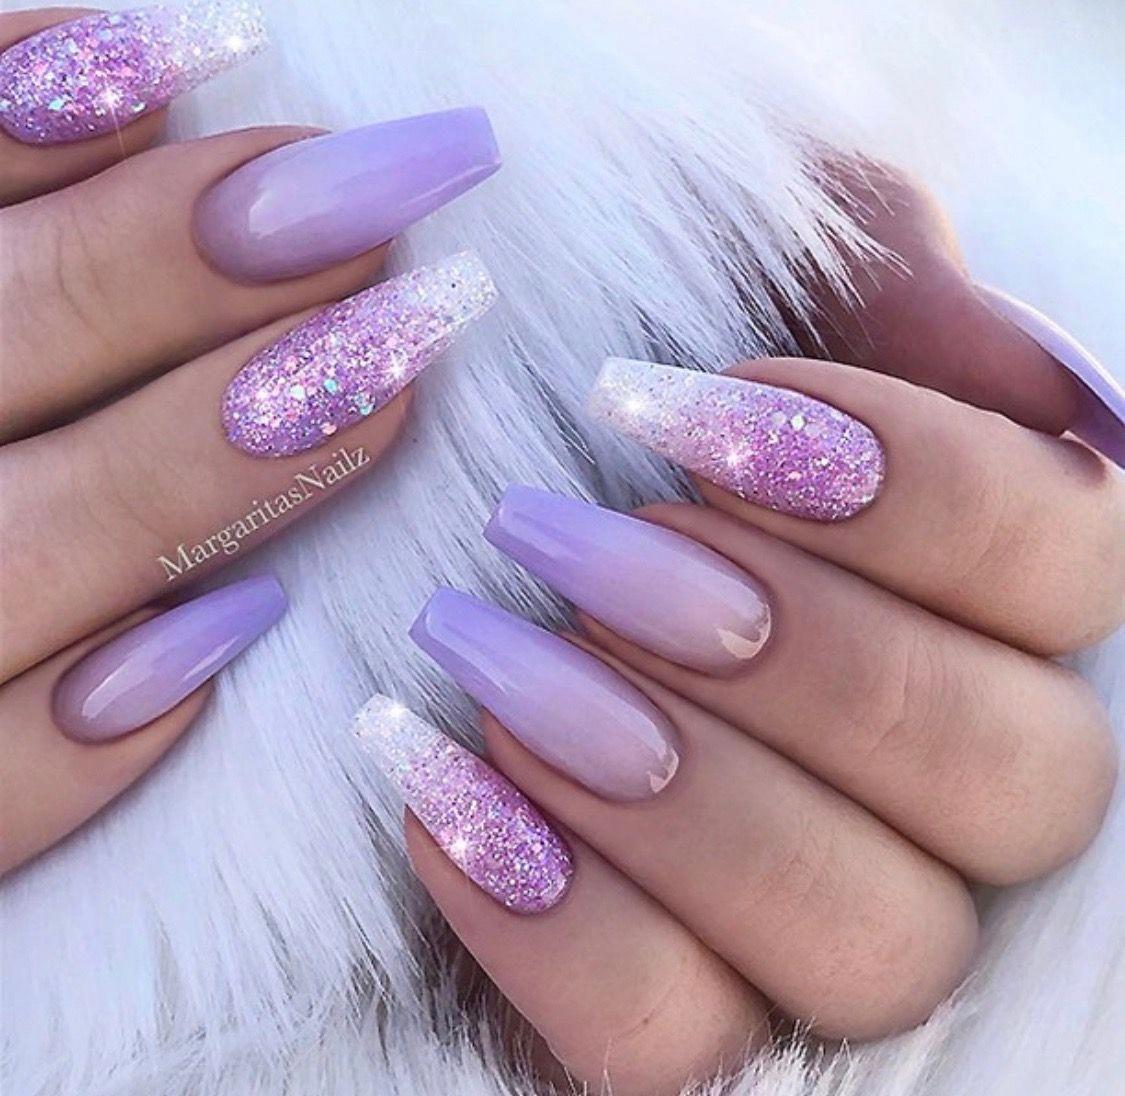 Lilac/ lavender nails beautifulacrylicnails